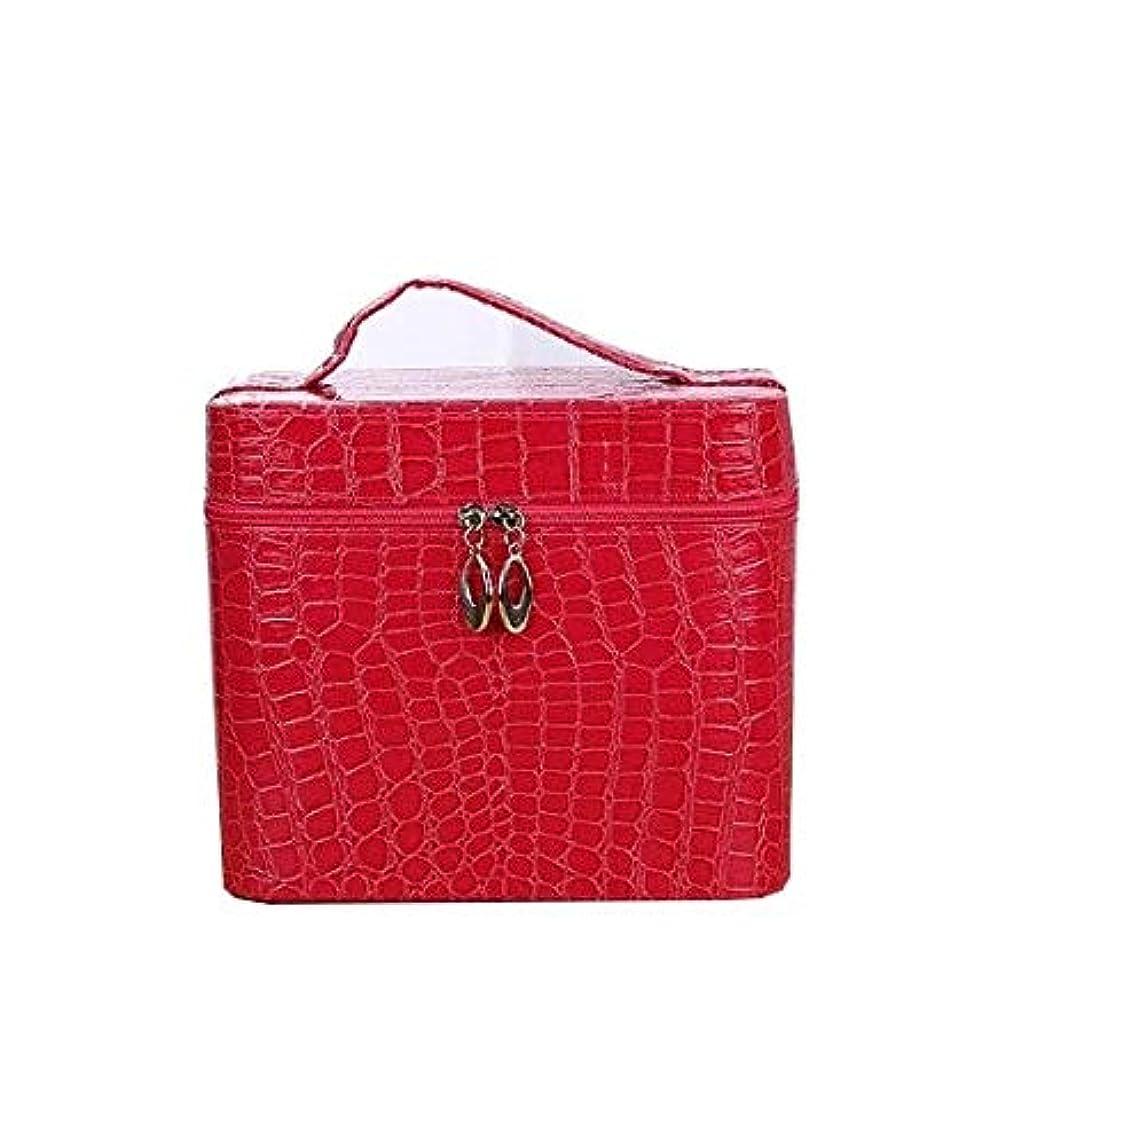 波持ってるあいまいさ化粧箱、赤、黒ワニ革ポータブル化粧品バッグ、ポータブルポータブル旅行化粧品ケース、美容ネイルジュエリー収納ボックス (Color : Red)